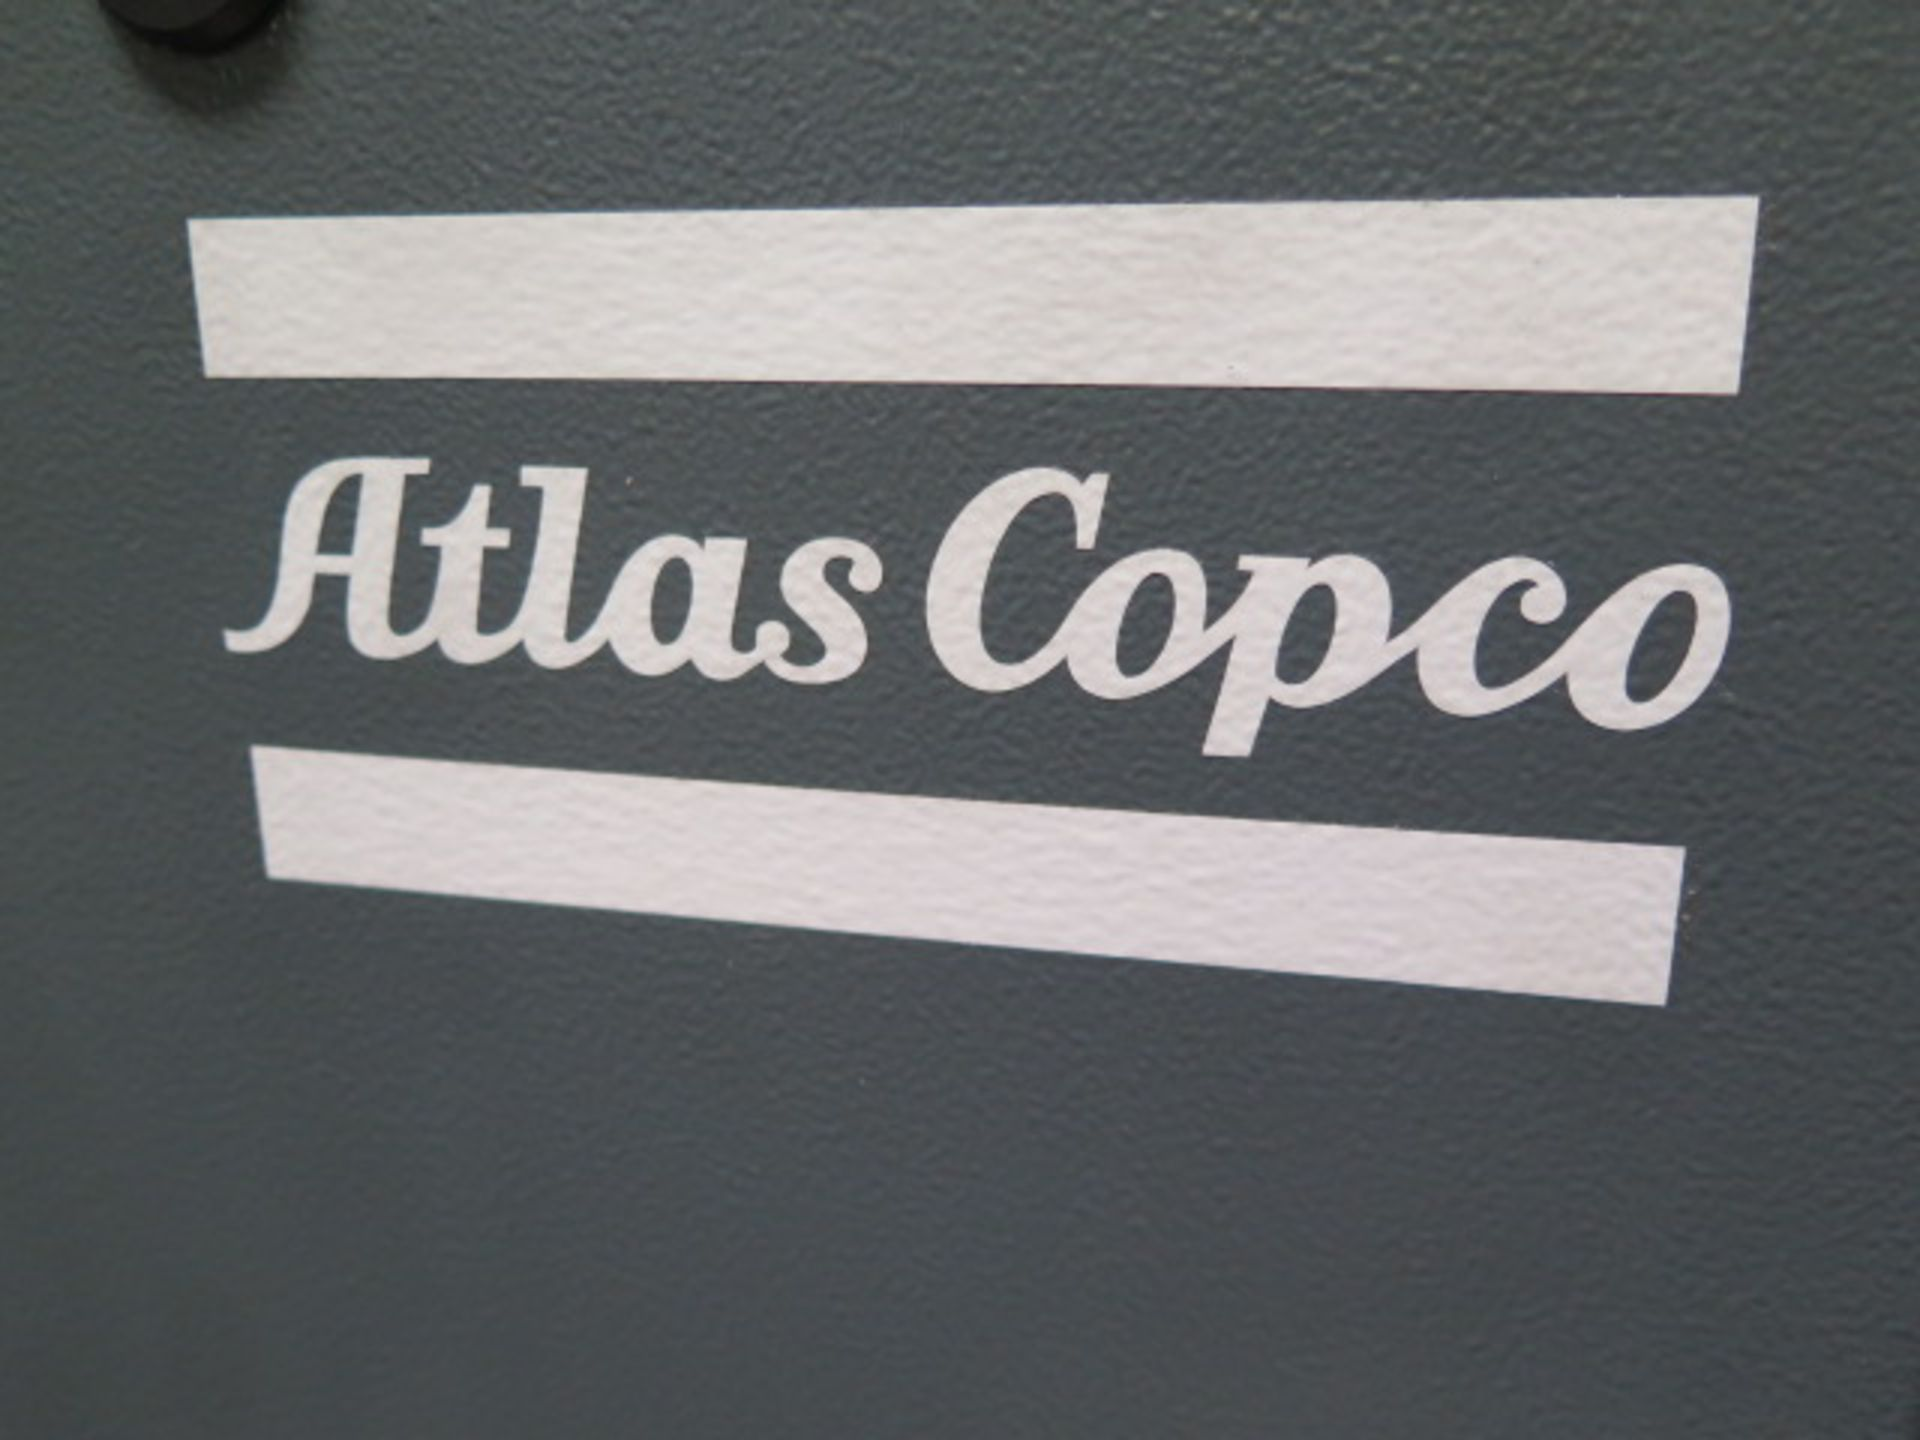 2016 Atlas Copco GX7P EL 10Hp Rotary Air Compressor s/n CAI937844 w/ Atlas Copco Controls, 60 Gallon - Image 4 of 15